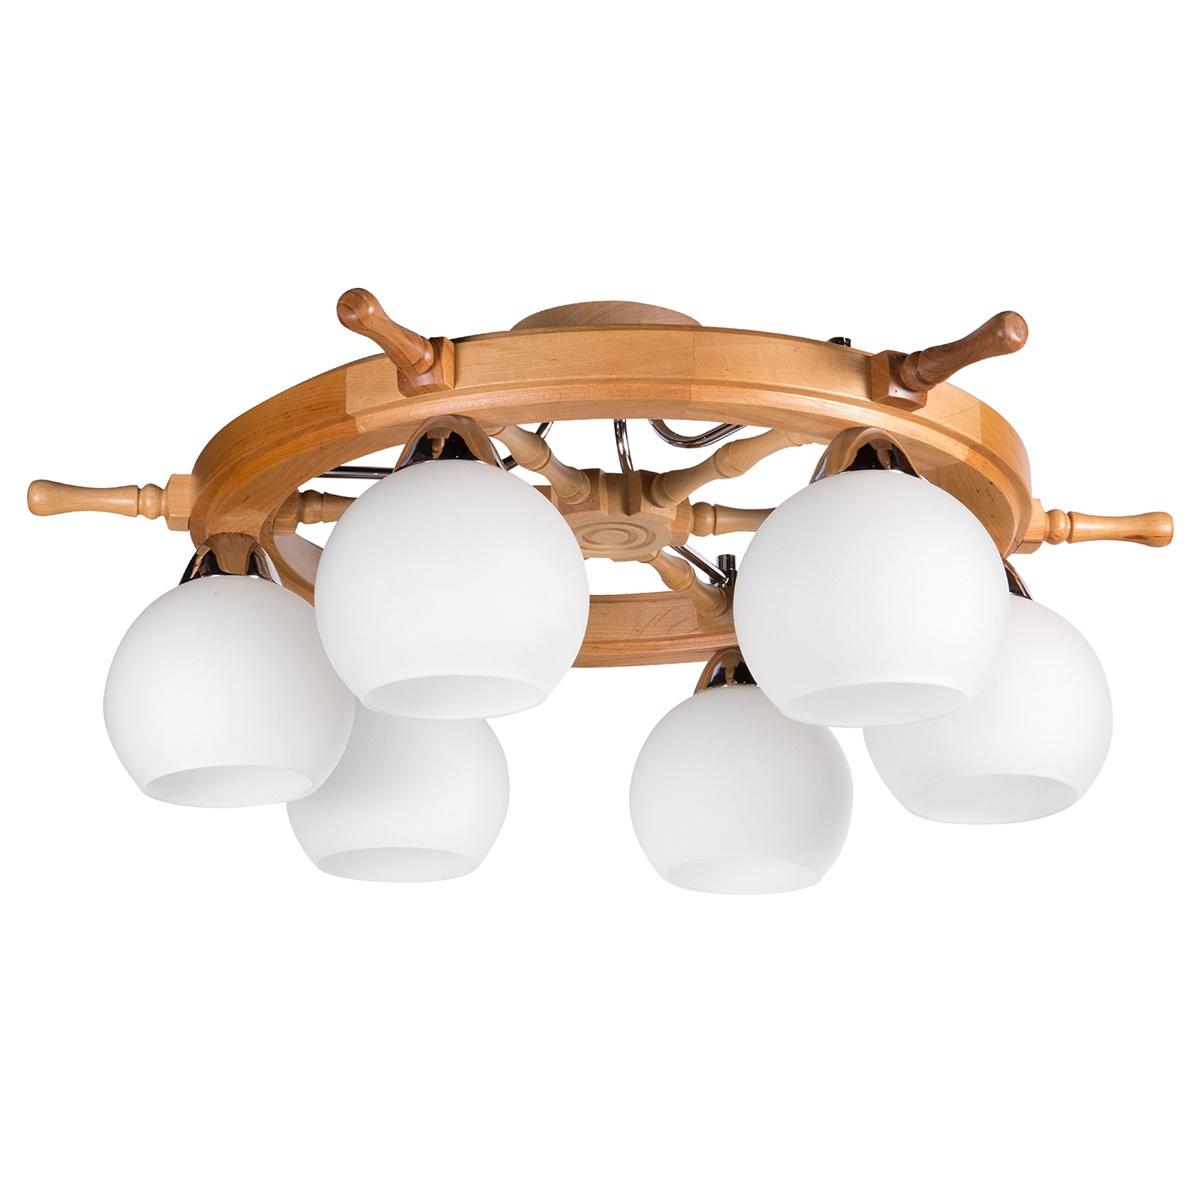 Потолочный светильник Дубравия Штурвал113-71-26Свет-к потолочный Штурвал 6хЕ27х60Вт натуральный 113-71-26 Элегантная модель этого светильника, который выпускается под брендом Дубравия, относится к серии изделий – Штурвал. Современный стиль светильника идеально подойдет для гостиной, но также отлично будет смотреться и в других комнатах квартиры и дома. Свет-к потолочный Штурвал 6хЕ27х60Вт натуральный 113-71-26 можно крепить как на простом, так и на натяжном потолке, значительно разнообразив варианты декора комнат с помощью этой модели светильника. Основные характеристики плафона: форма плафона – круглый основной цвет плафона – белый материал плафона – стекло поверхность плафона – матовая Позволяют легко вписать эту модель светильника в любой дизайн квартиры или дома. При производстве этой модели светильника используется дерево в качестве материала для арматуры, которая окрашена в цвет – натуральный. Лампочки с цоколем E27 и используемой мощностью – 6x60Вт рассчитаны на максимальную площадь освещения – 18-30 кв.м. Производитель светильников под брендом Дубравия гарантирует неизменное качество продукции и поддержку высокого уровня сервиса для своих потребителей.